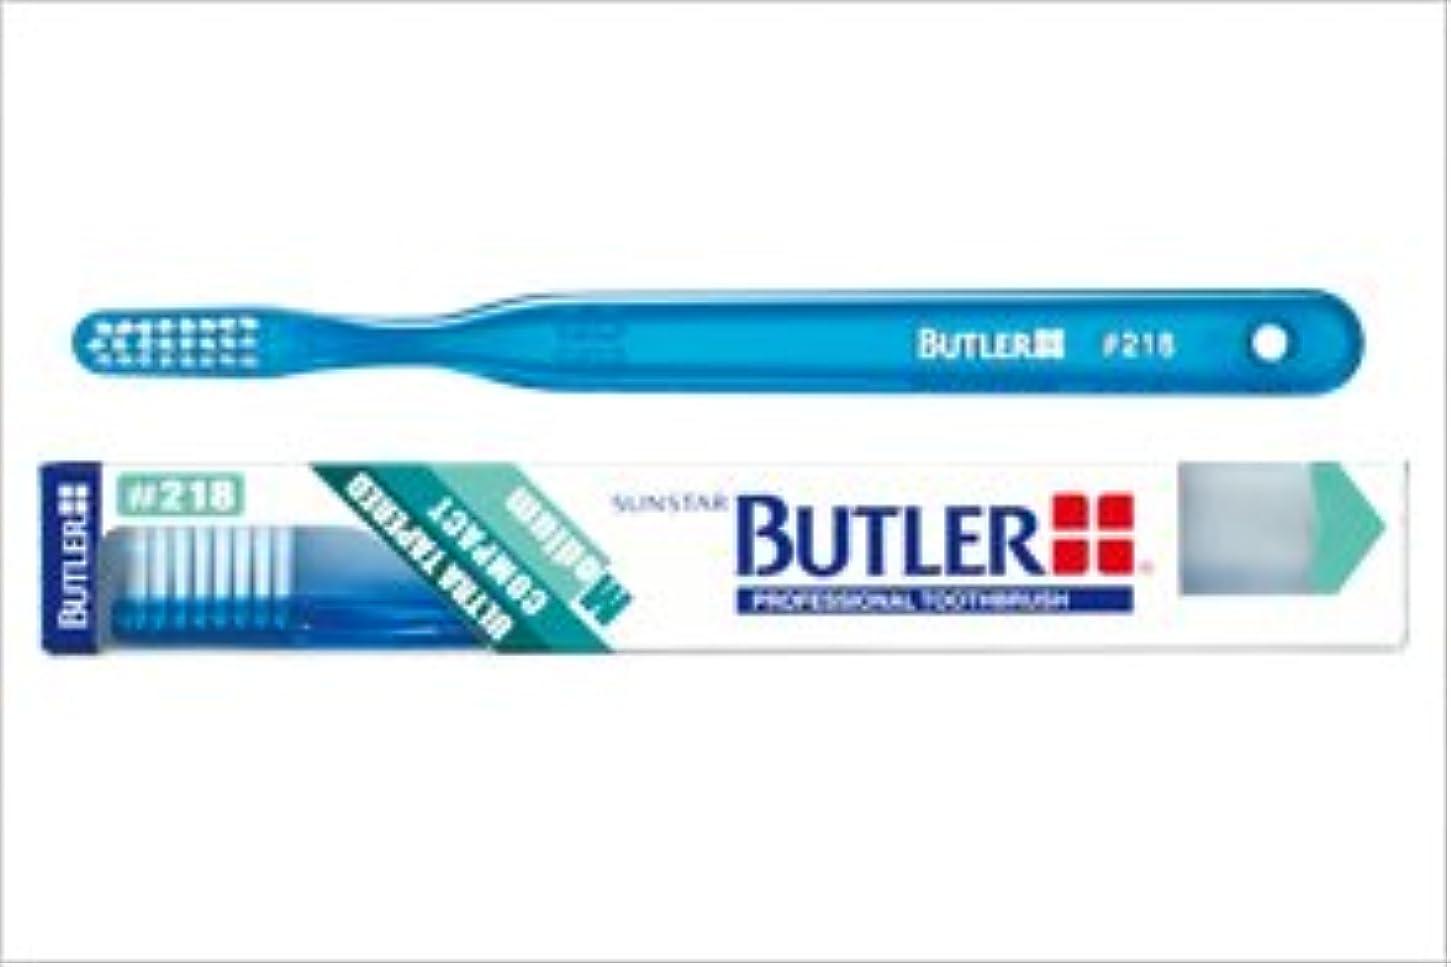 ラック憲法無線サンスター/バトラー歯科用バトラー #218 12本 ふつうコンパクトヘッド 6色一般用(3列フラット)